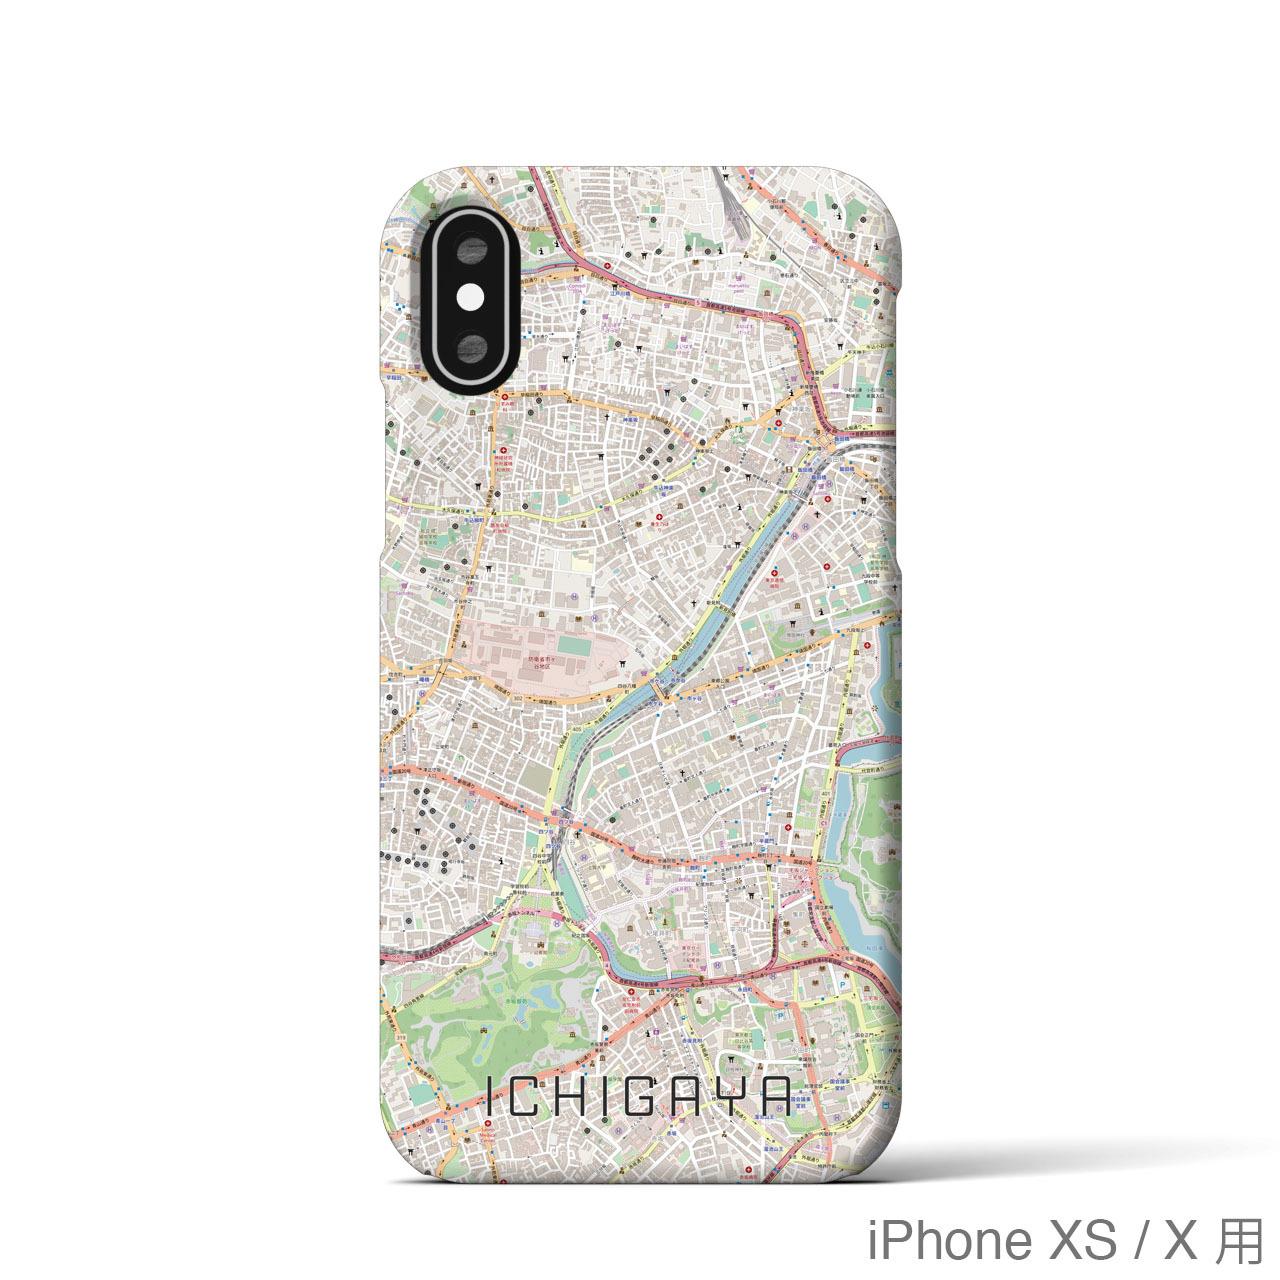 【市ケ谷】地図柄iPhoneケース(バックカバータイプ・ナチュラル)